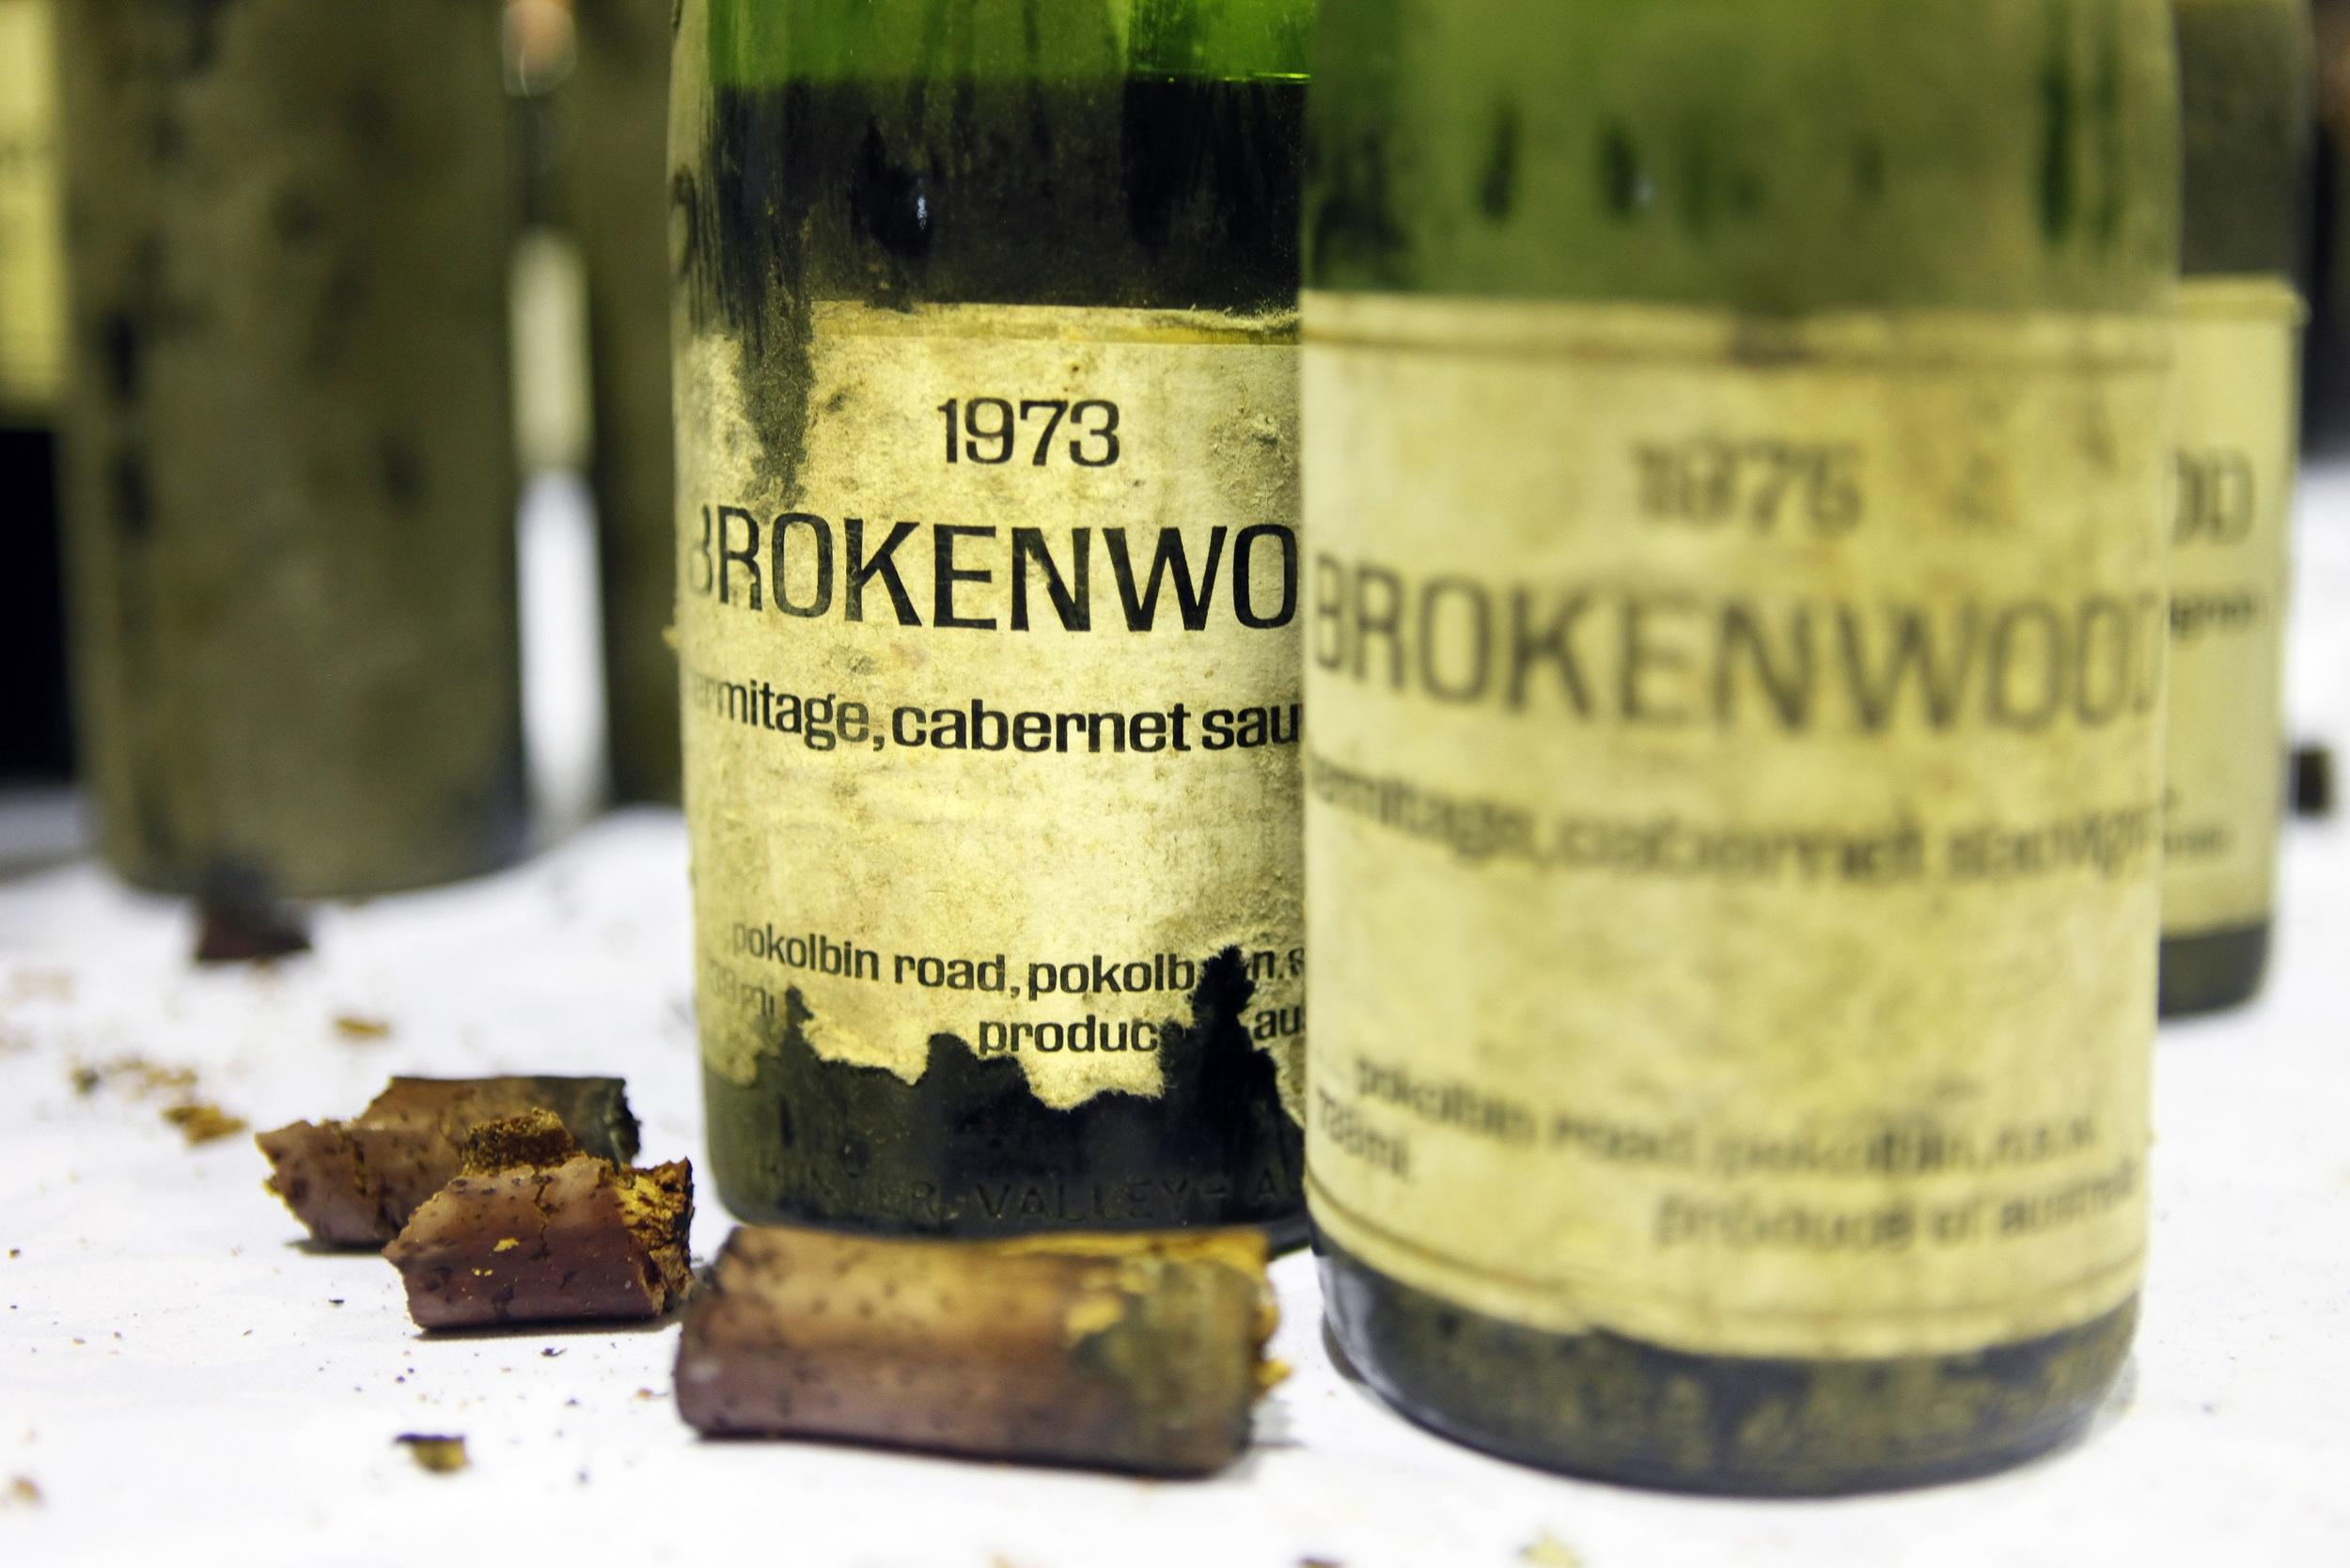 Brokenwood Old Vintage Bottles_Credit Brokenwood.jpg